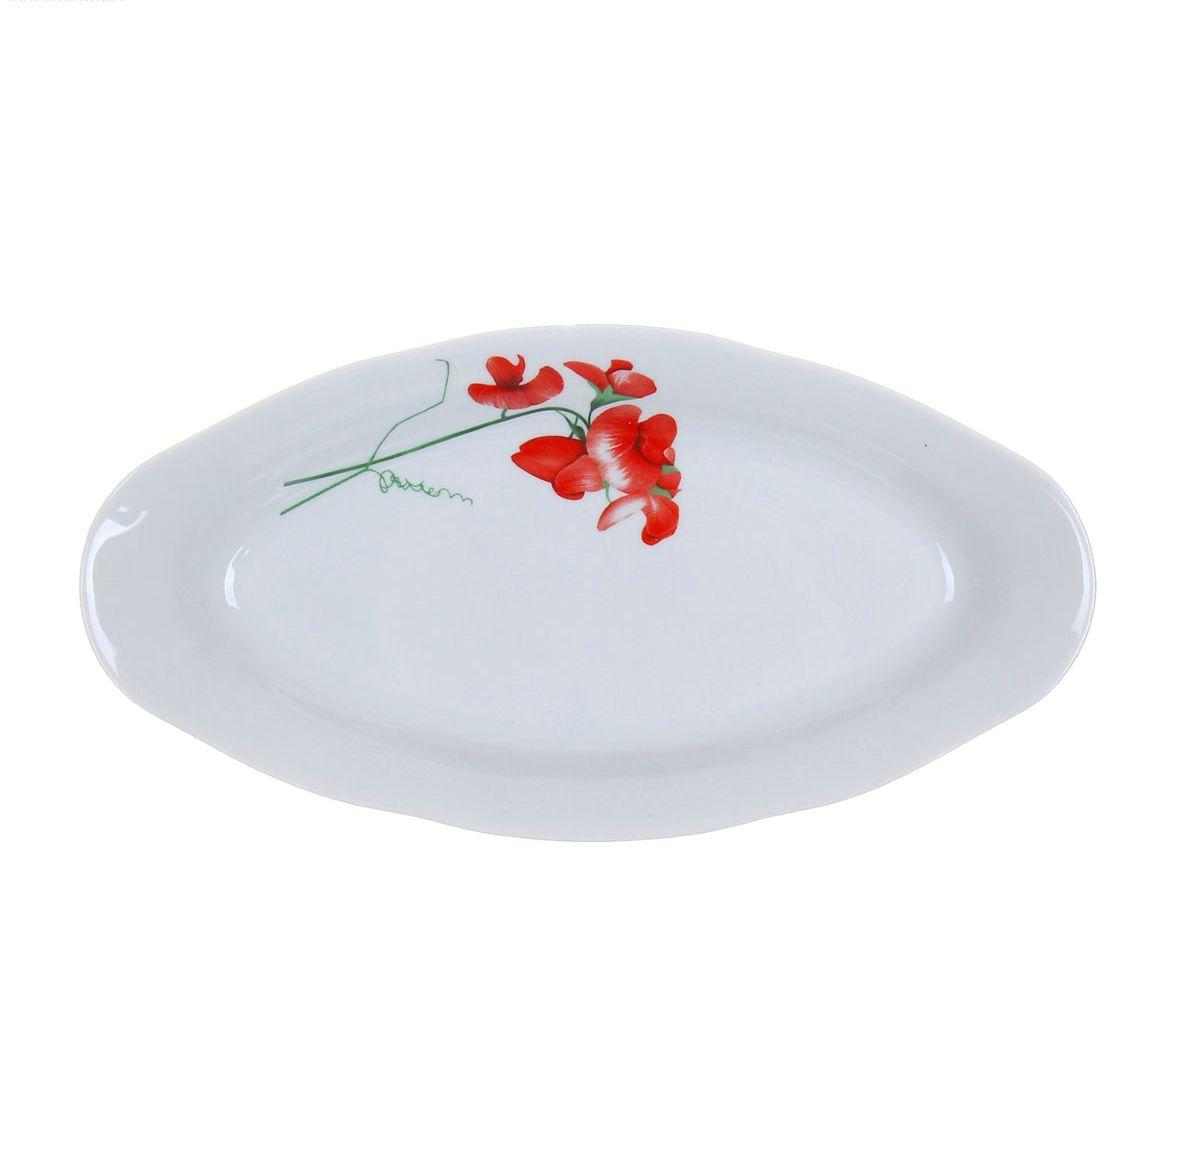 Селедочница Идиллия. Рубин, длина 25 см115510Селедочница Идиллия. Рубин, изготовленная из высококачественного фарфора, оформлена красочным изображением и имеет изысканный внешний вид. Изделие имеет специальную форму, которая идеально подходит для сервировки рыбы, а также нарезок и закусок. Селедочница Идиллия. Рубин великолепно украсит праздничный стол и станет прекрасным дополнением к вашему кухонному инвентарю.